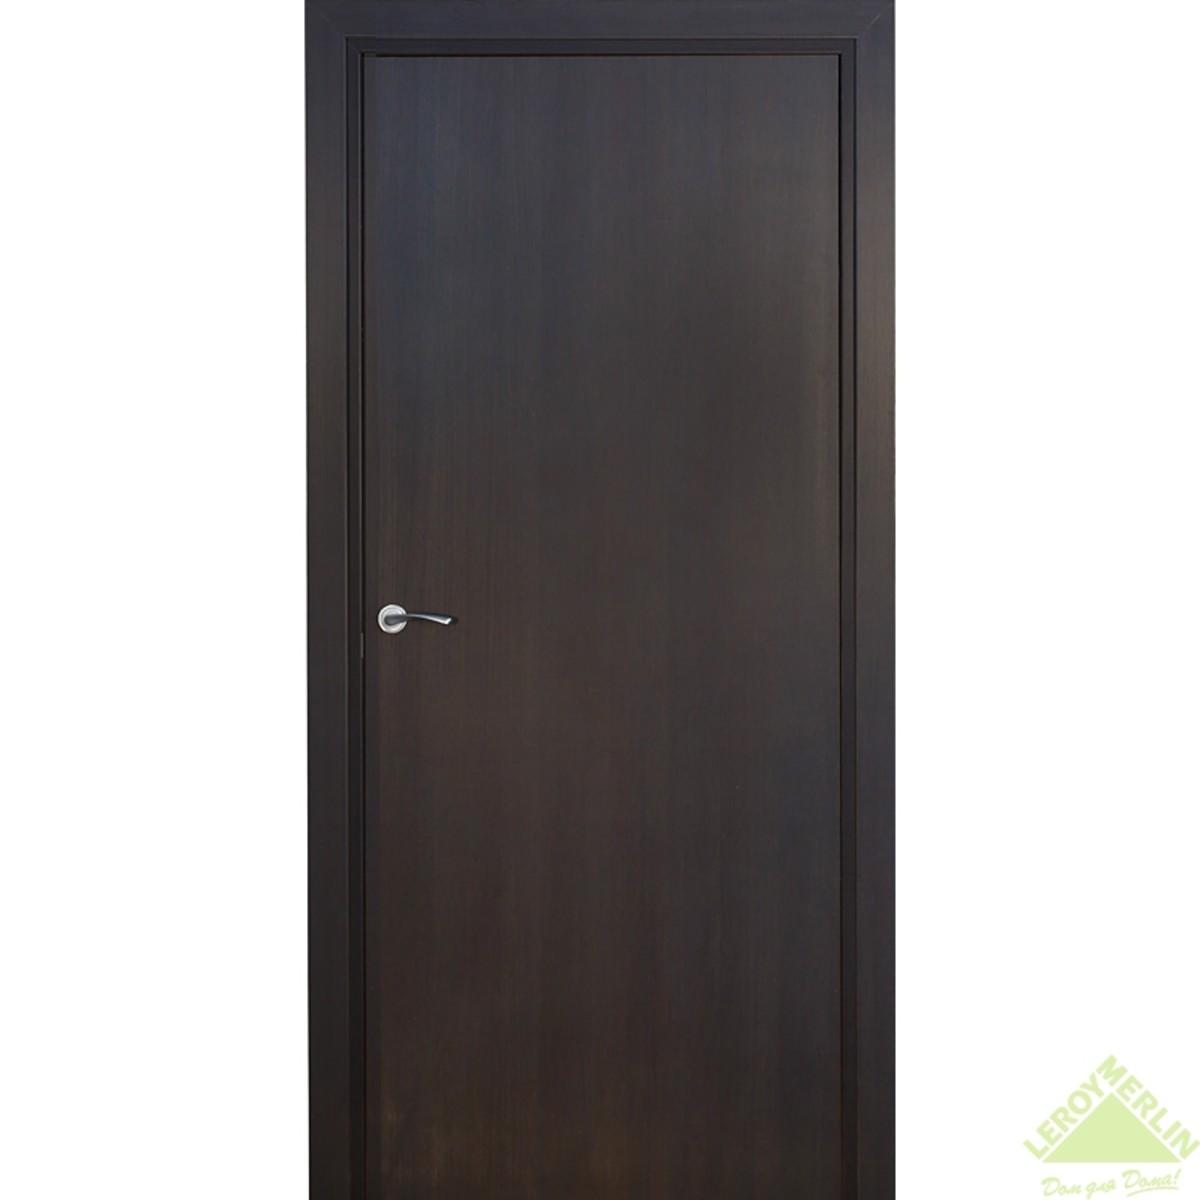 Дверь Межкомнатная Глухая Фортунато Модерн 60x200 Ламинация Цвет Венге